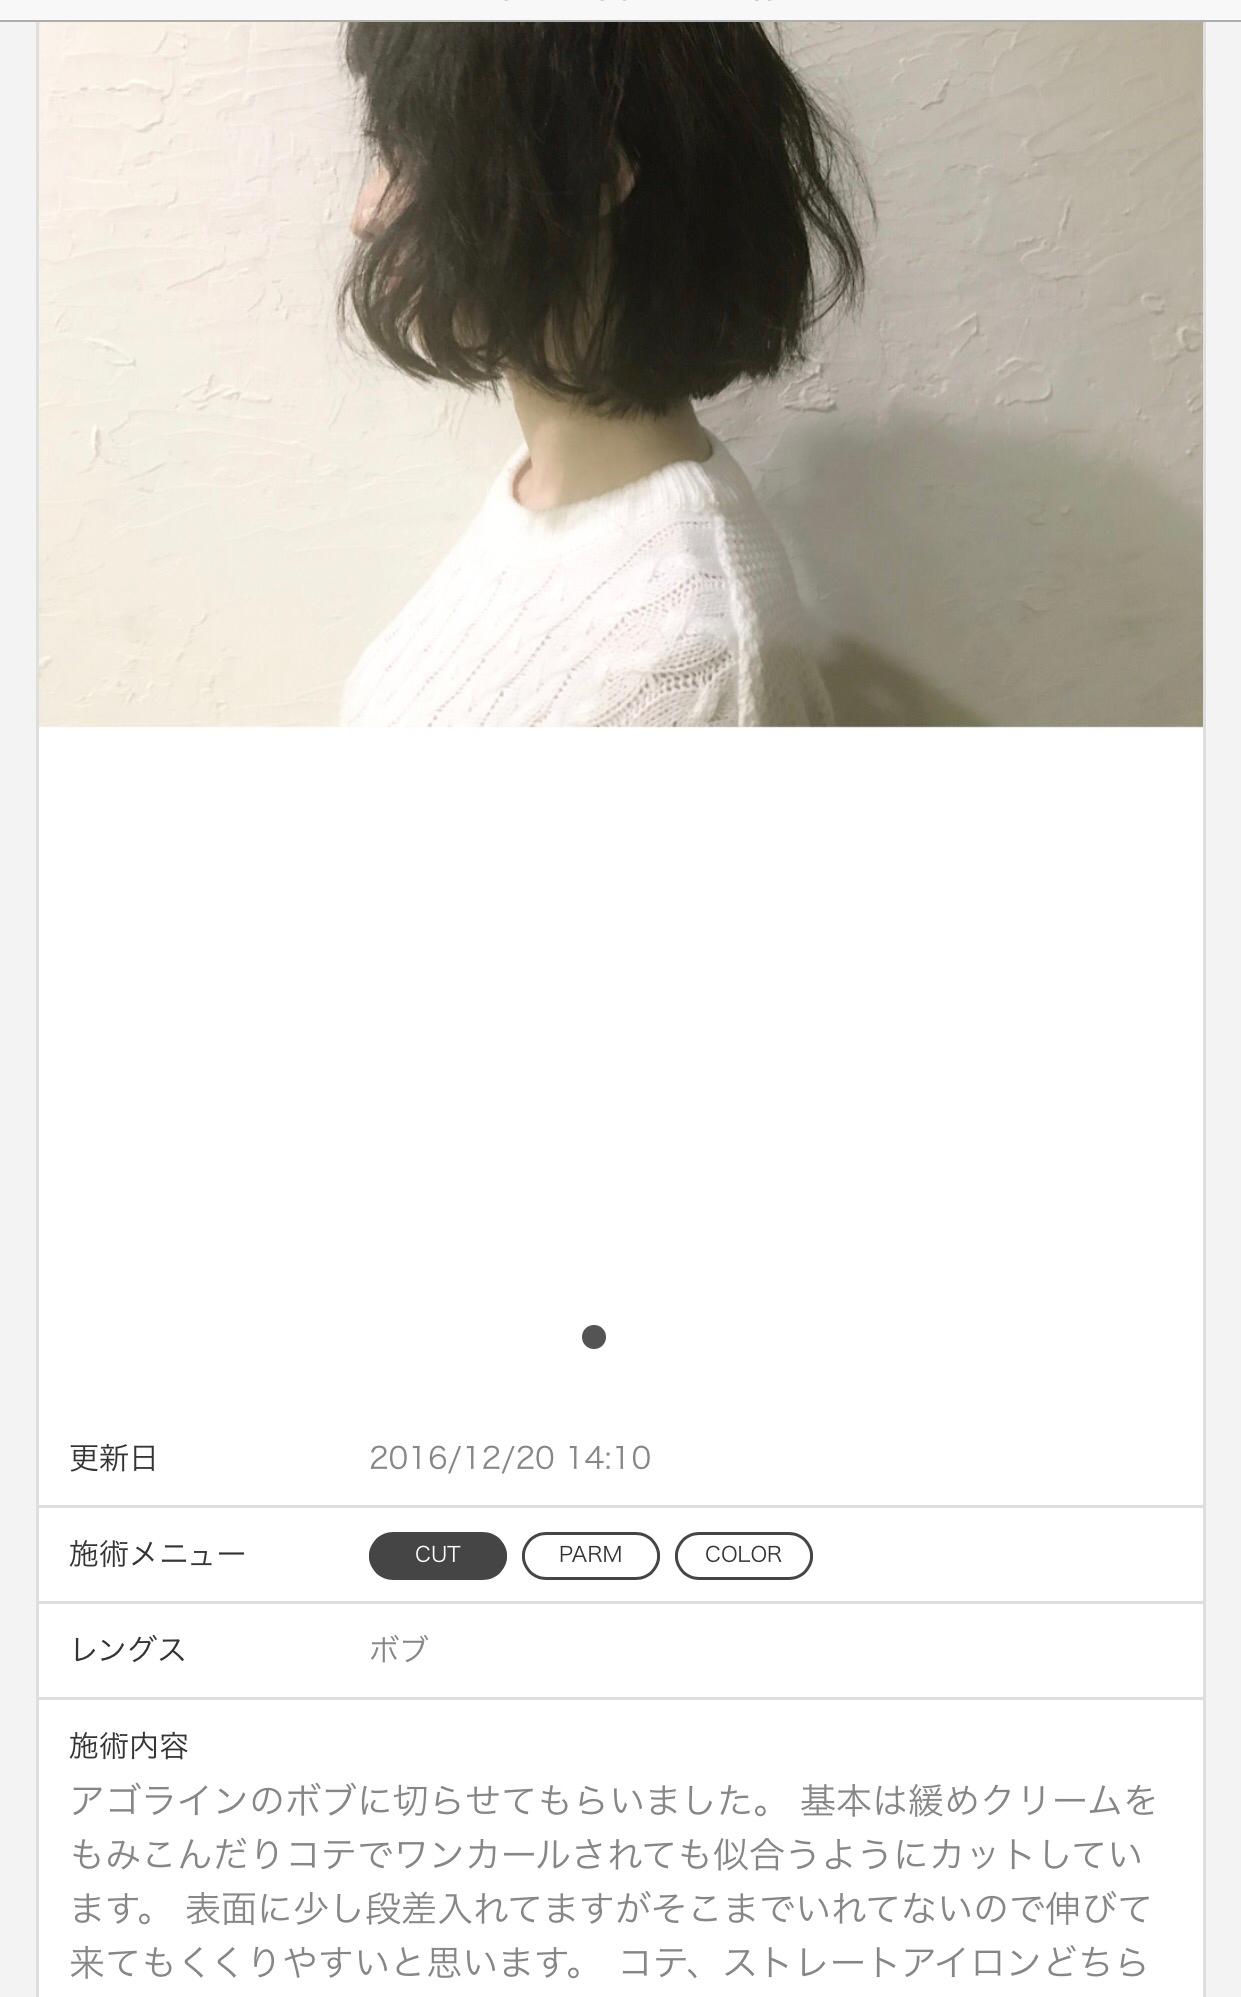 役者の梨田さんをバッサリカットしてみた。